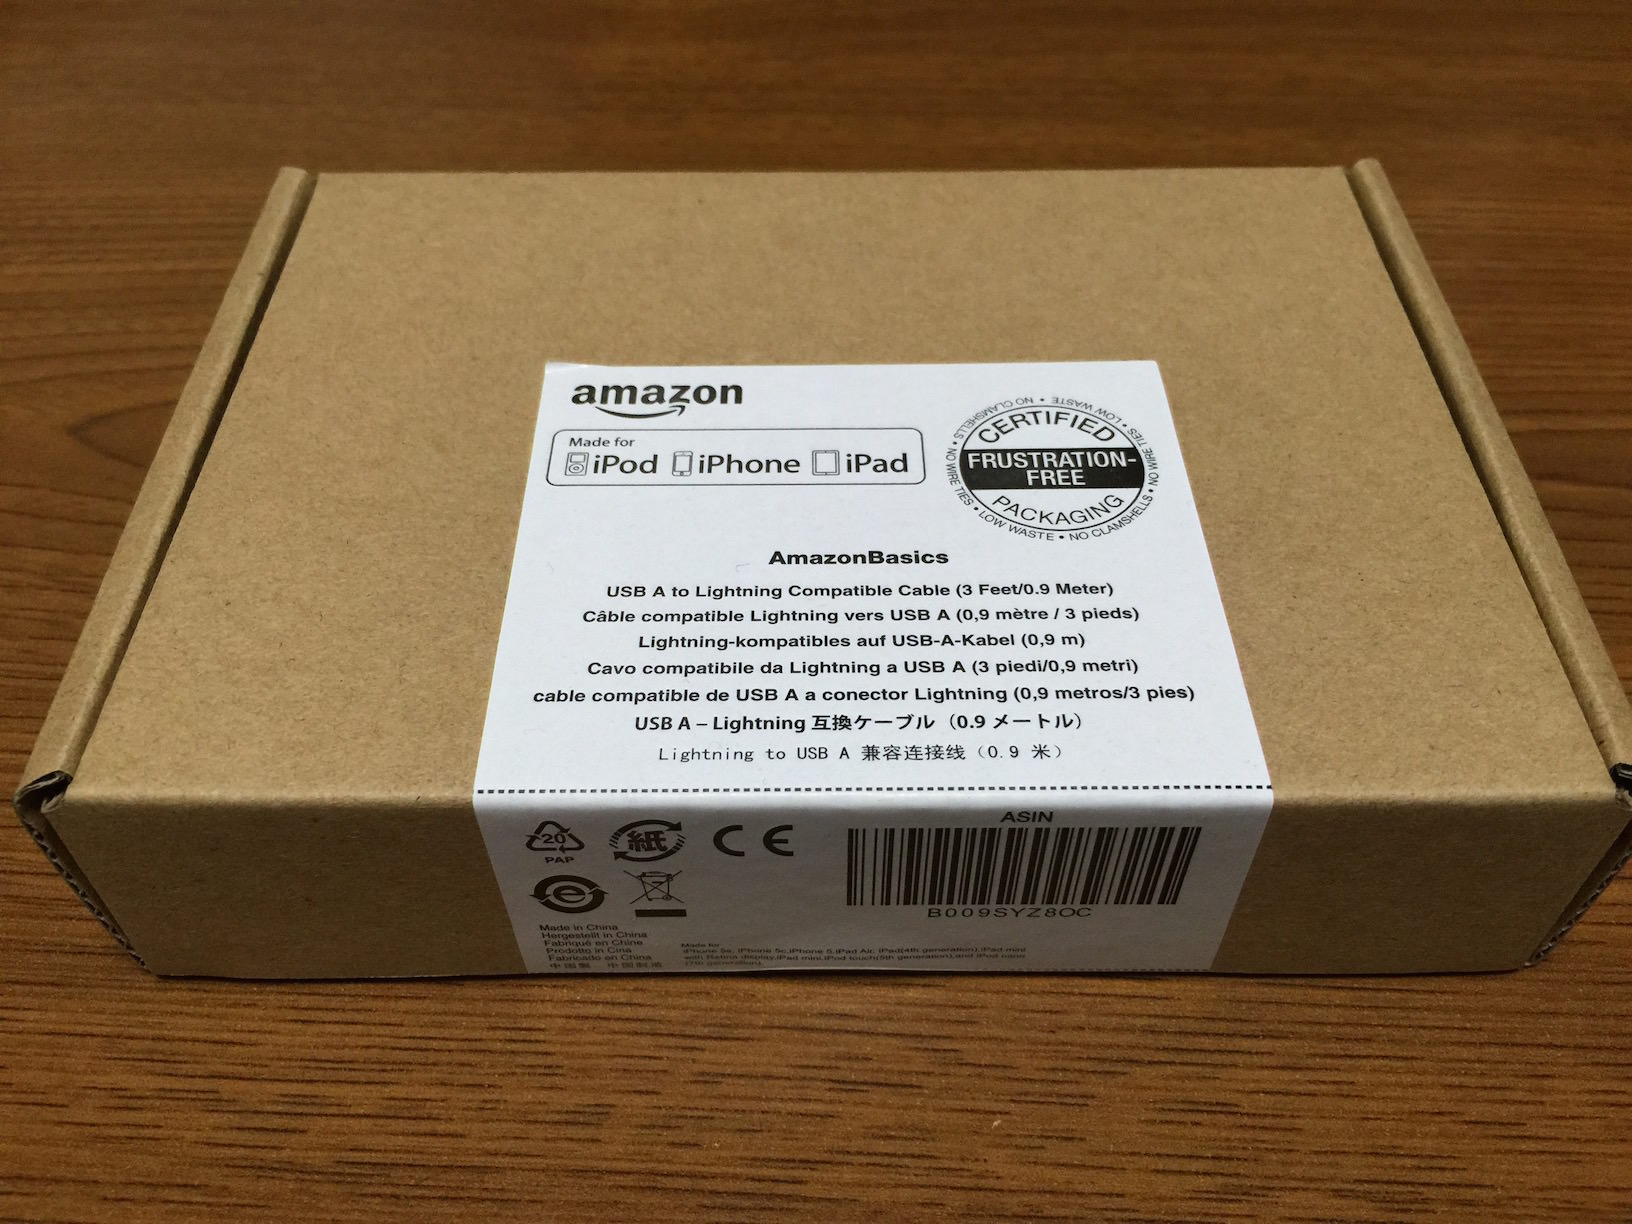 Amazon basics lightning usb cable review 1